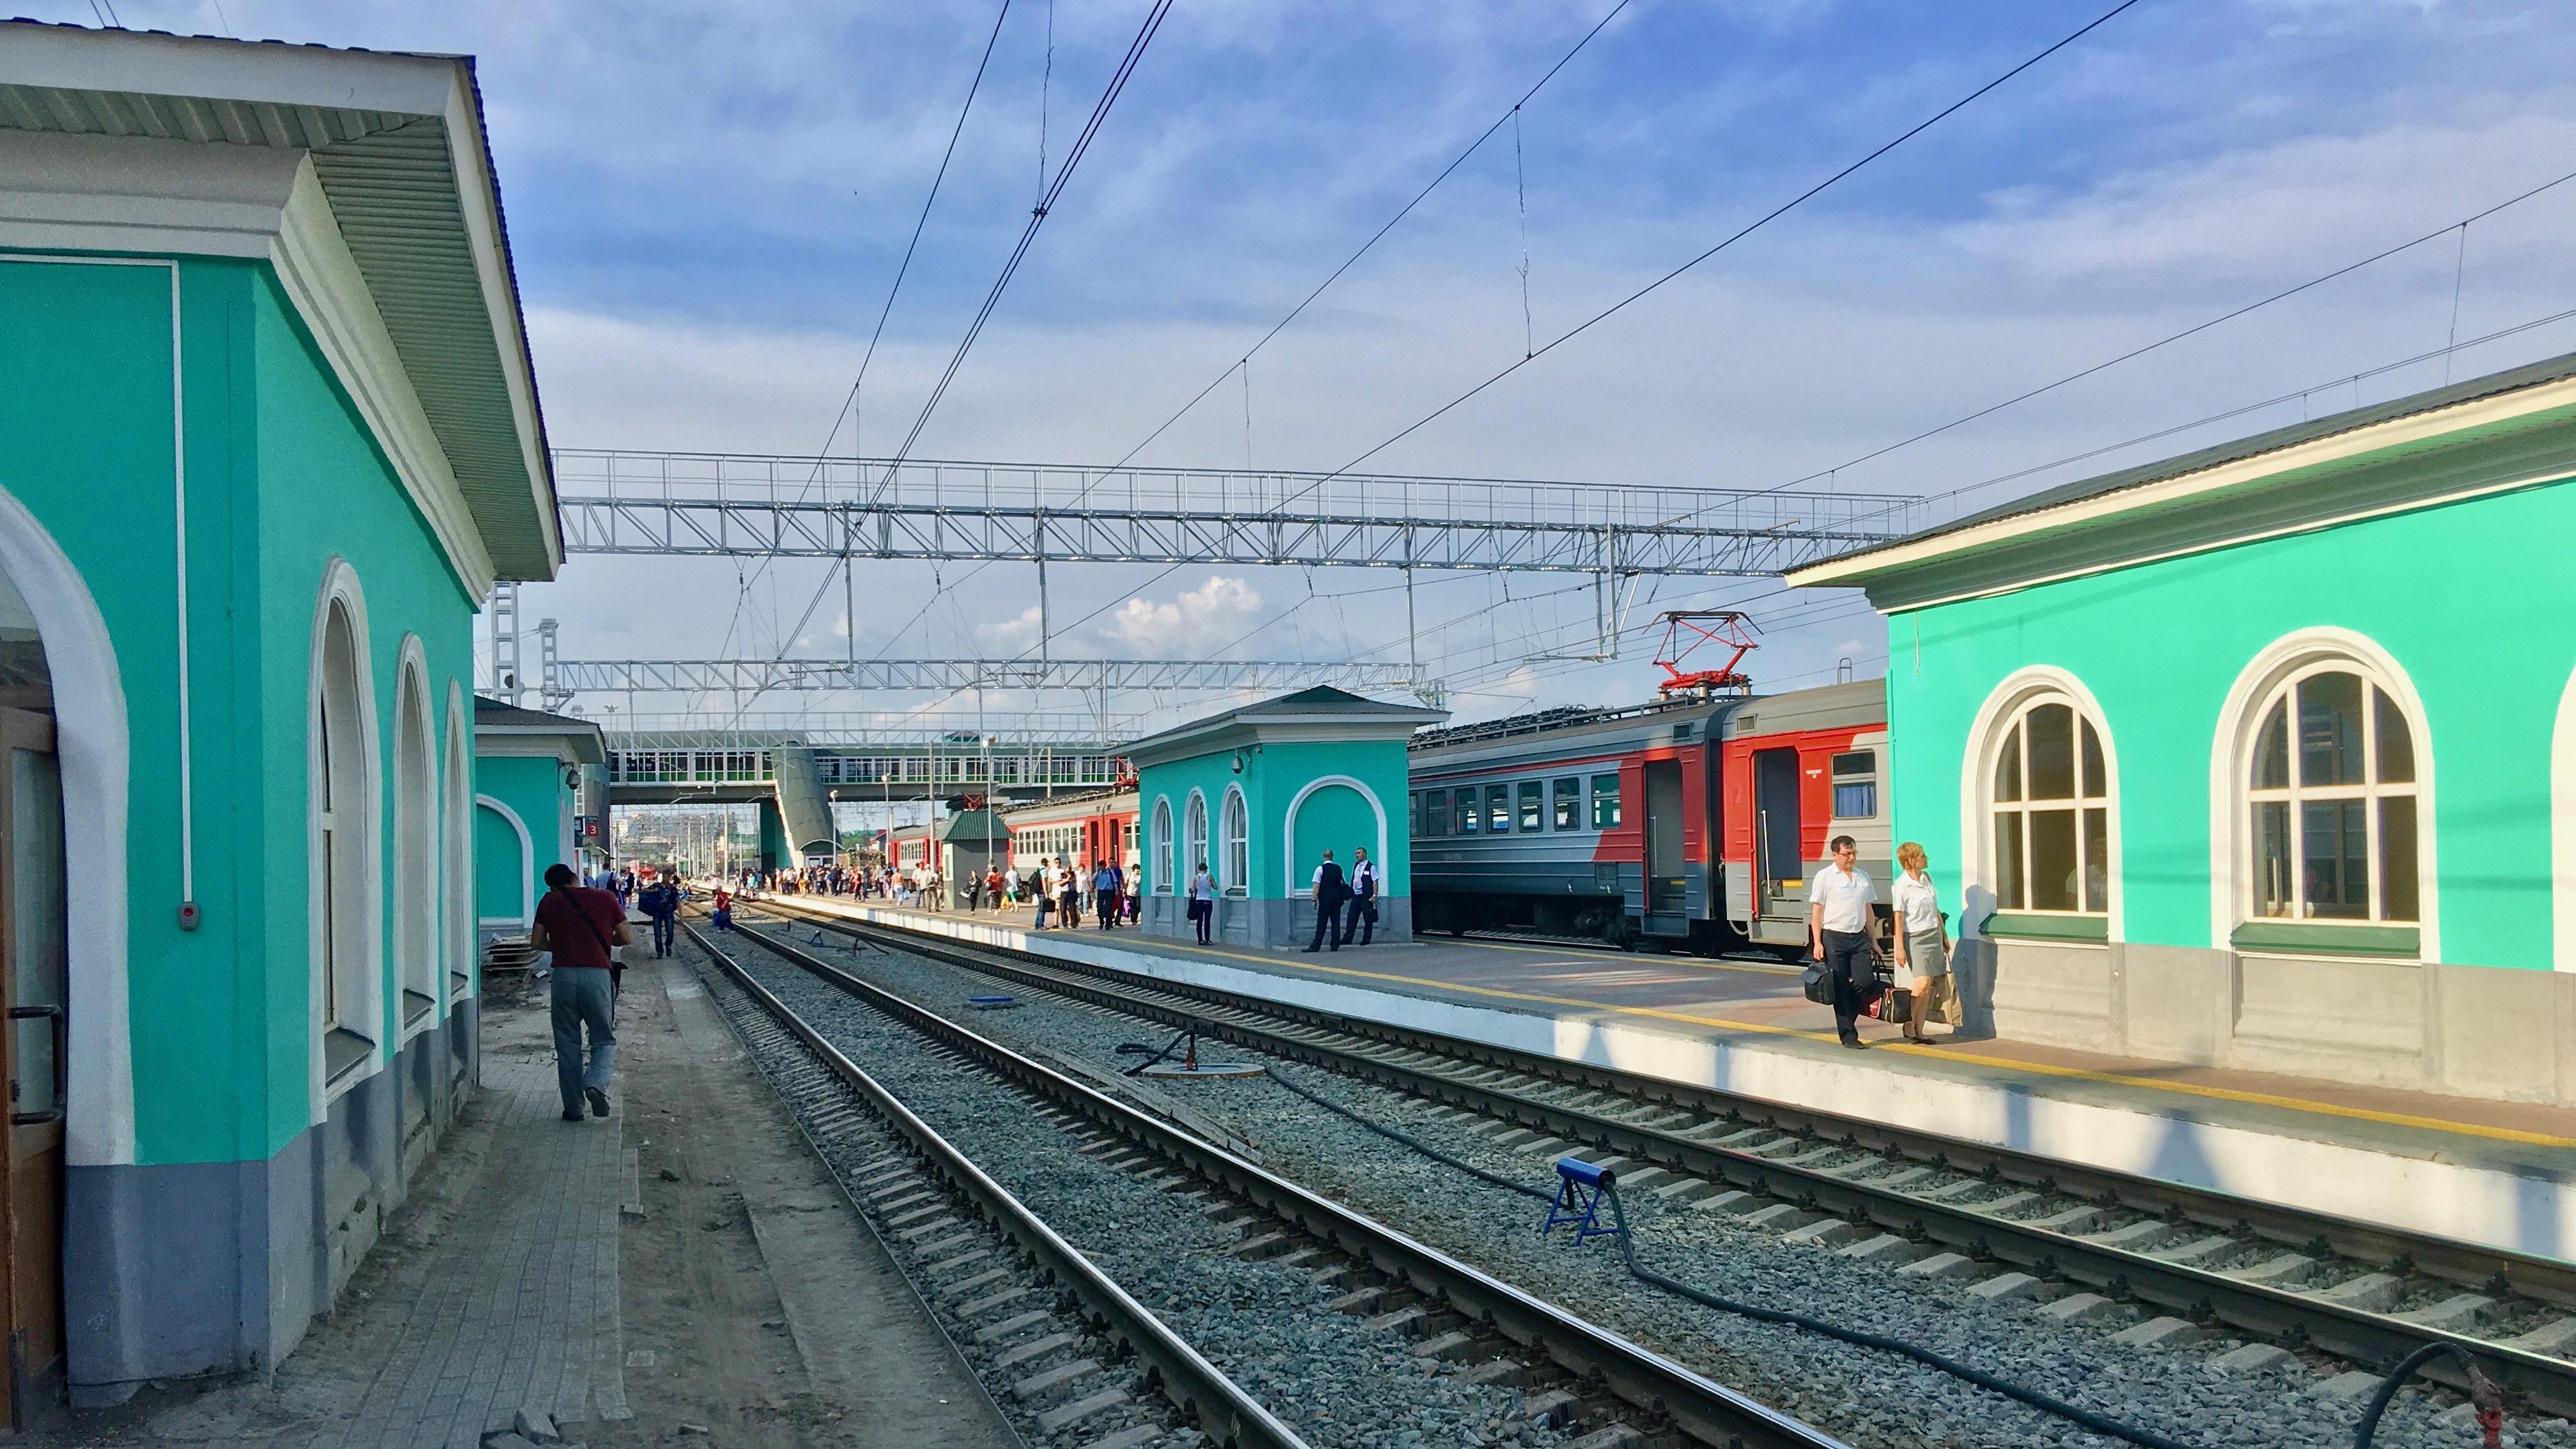 Gare de Omsk, Russie